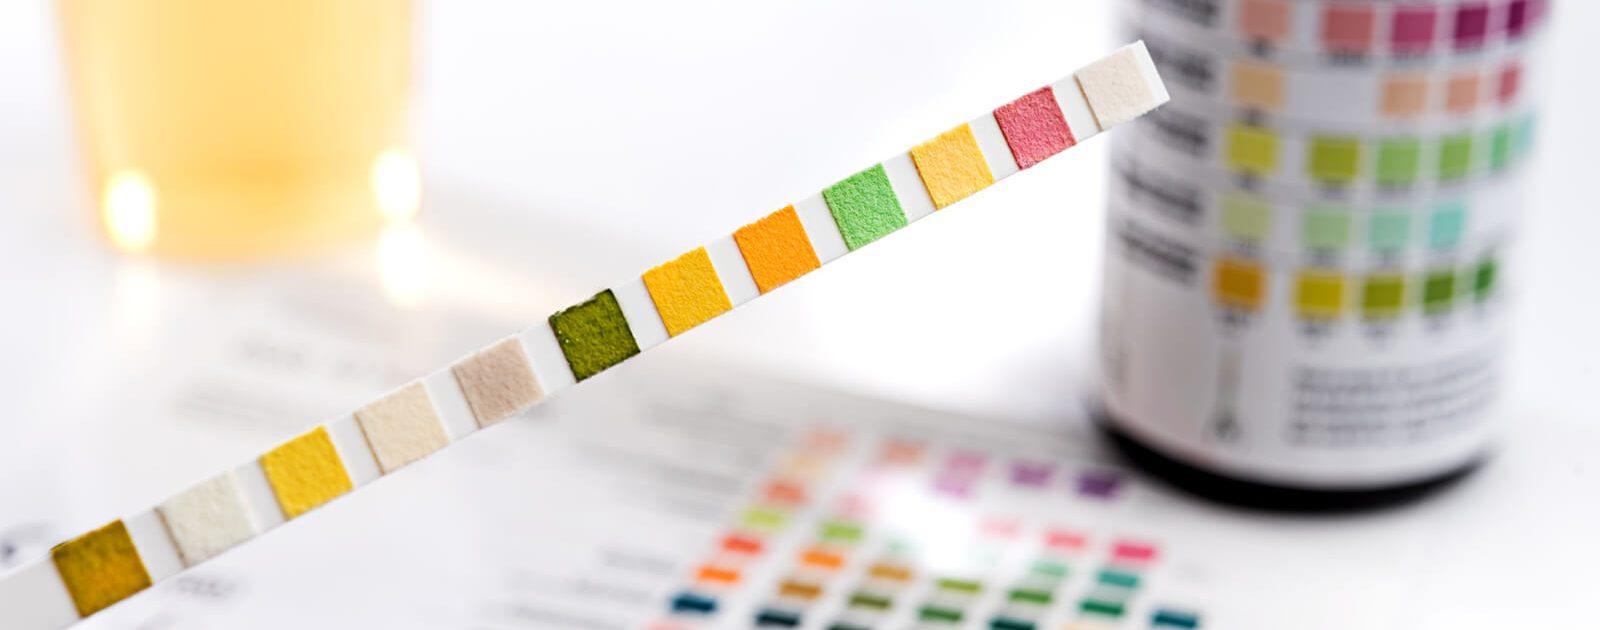 Beim Urintest gleicht der Urologe die Verfärbungen auf den typischen Streifen mit einer Farbskala ab.